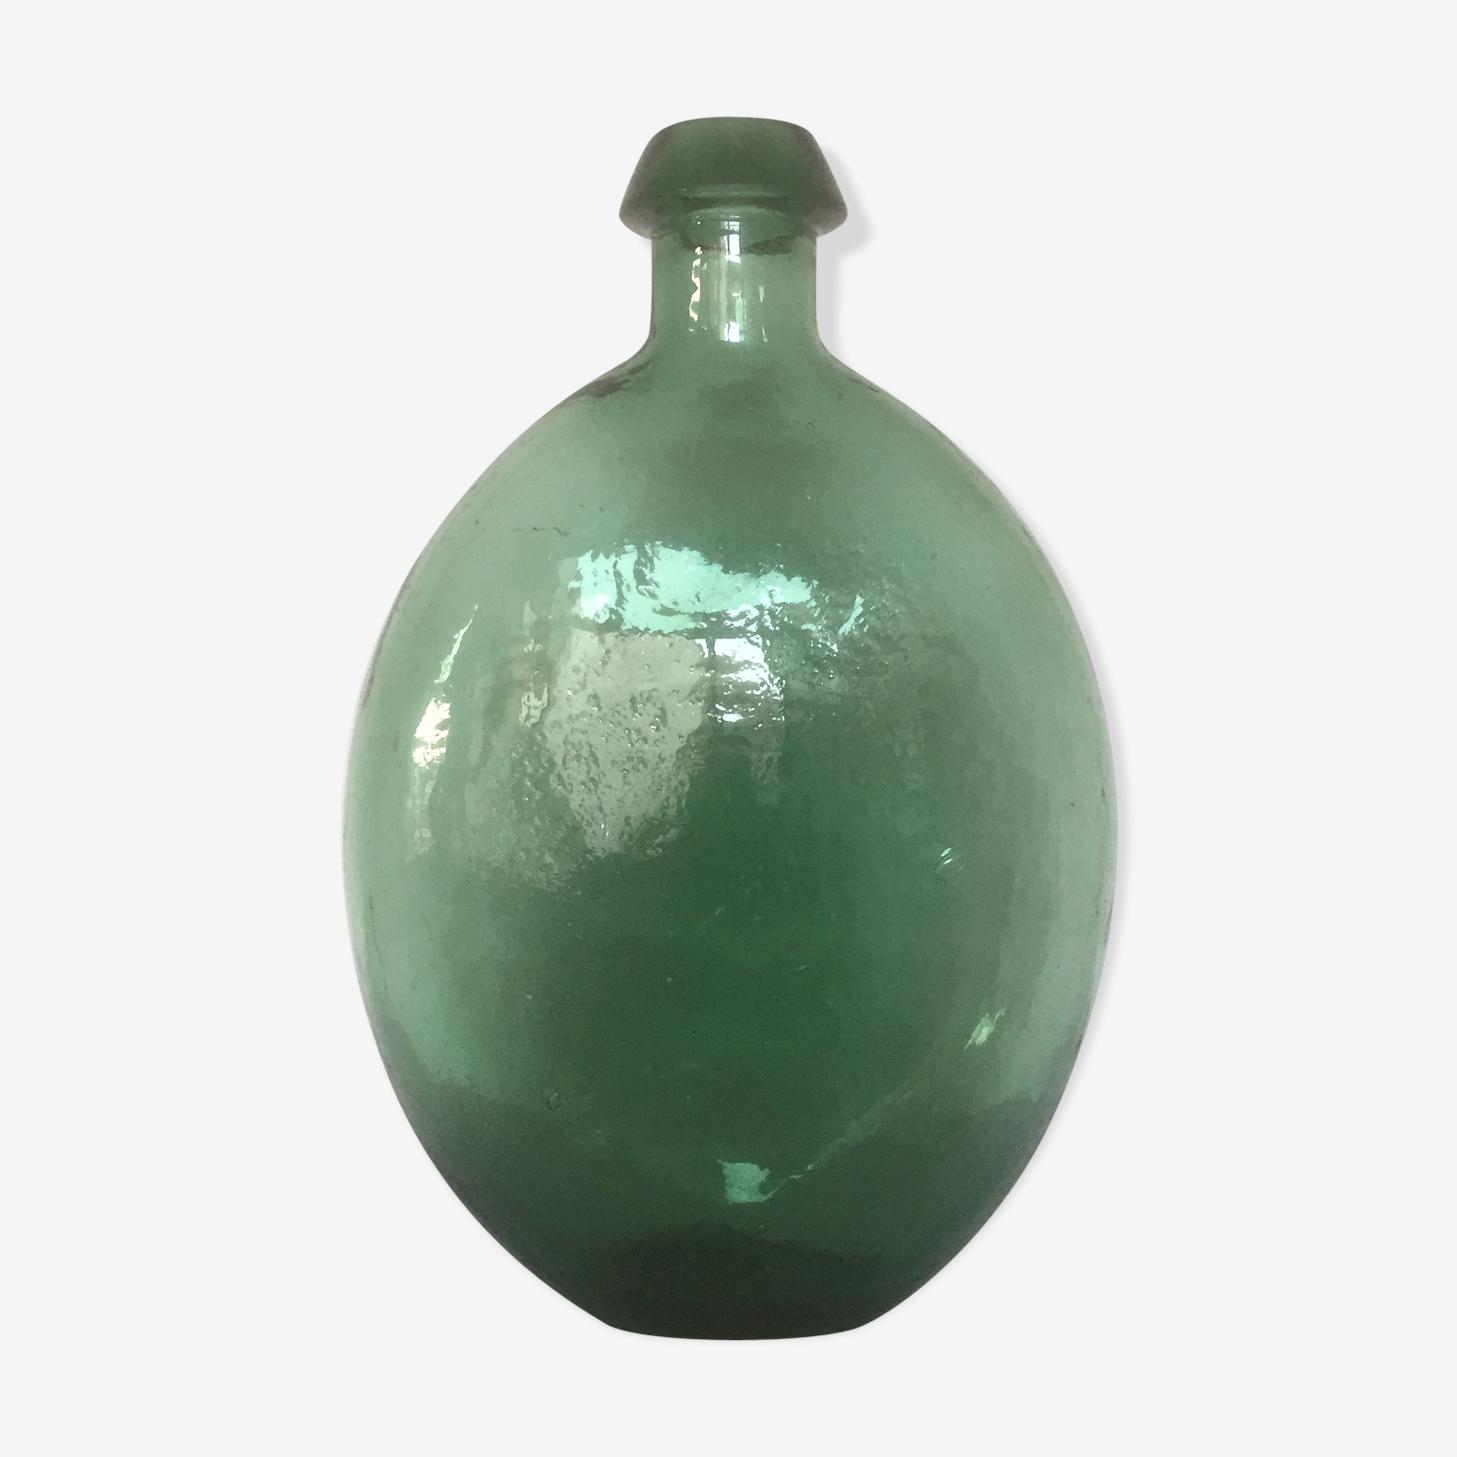 Bouteille plate en verre vert émeraude